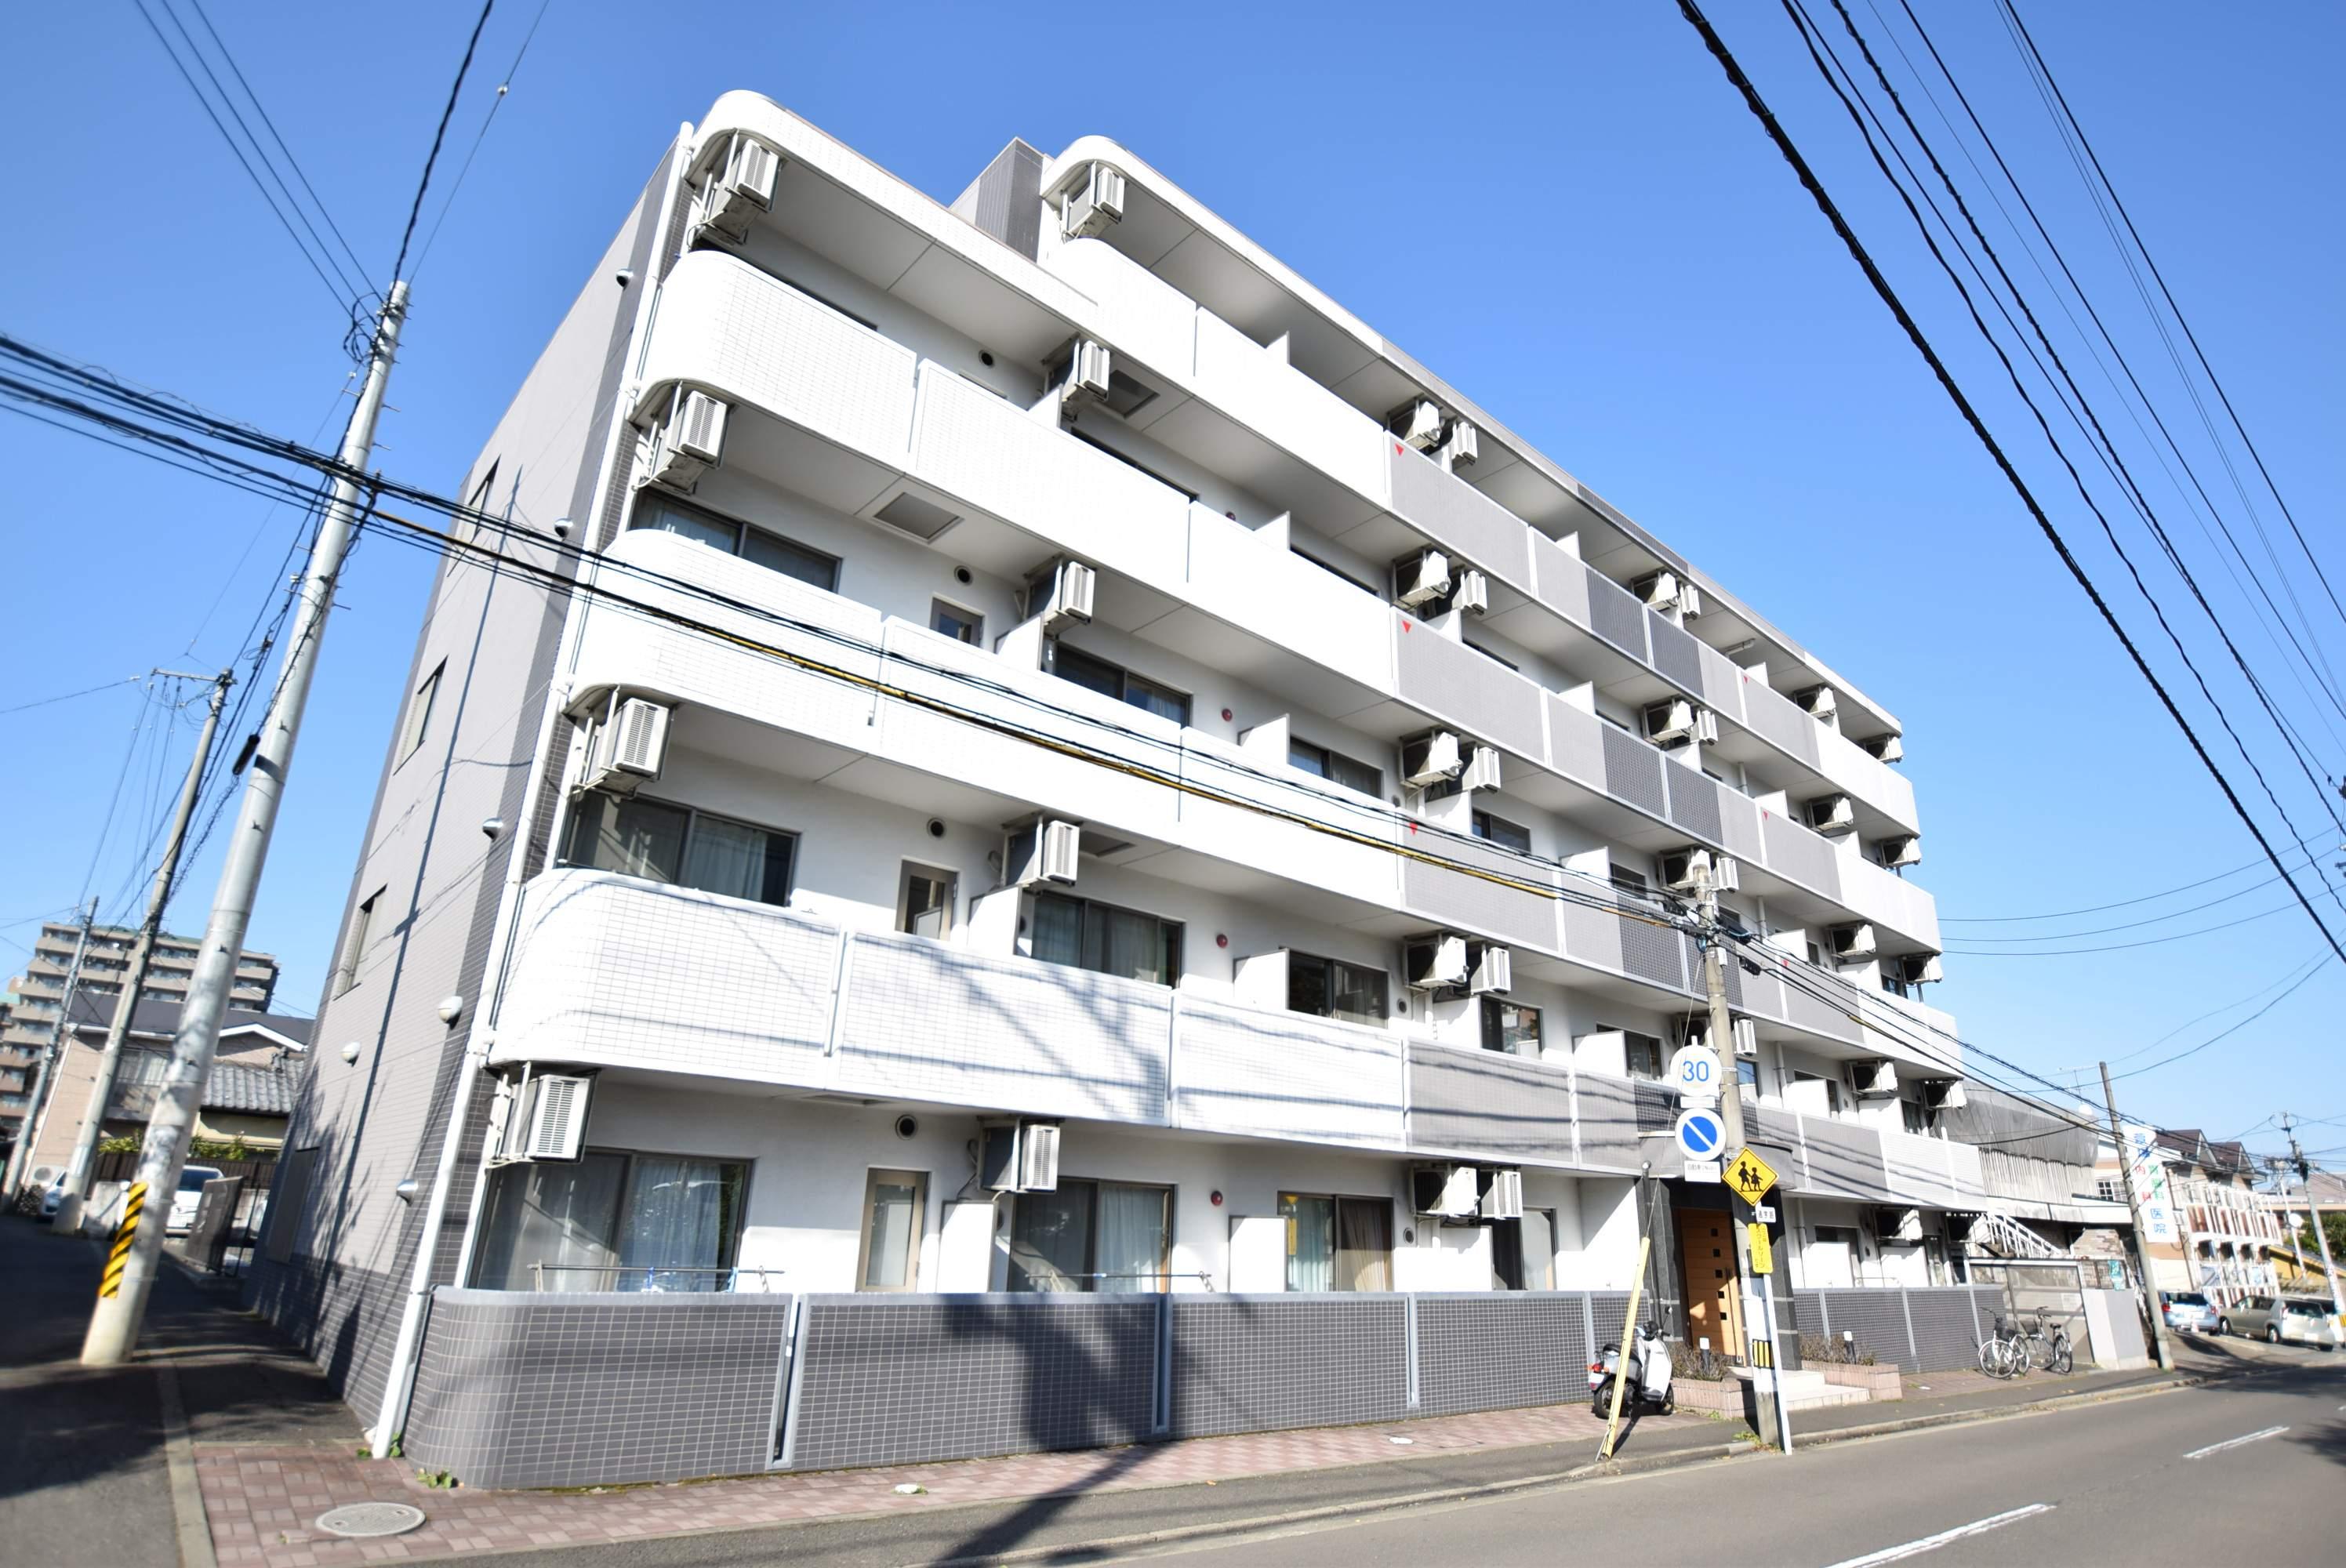 宮城県仙台市青葉区、北山駅徒歩20分の築9年 5階建の賃貸マンション